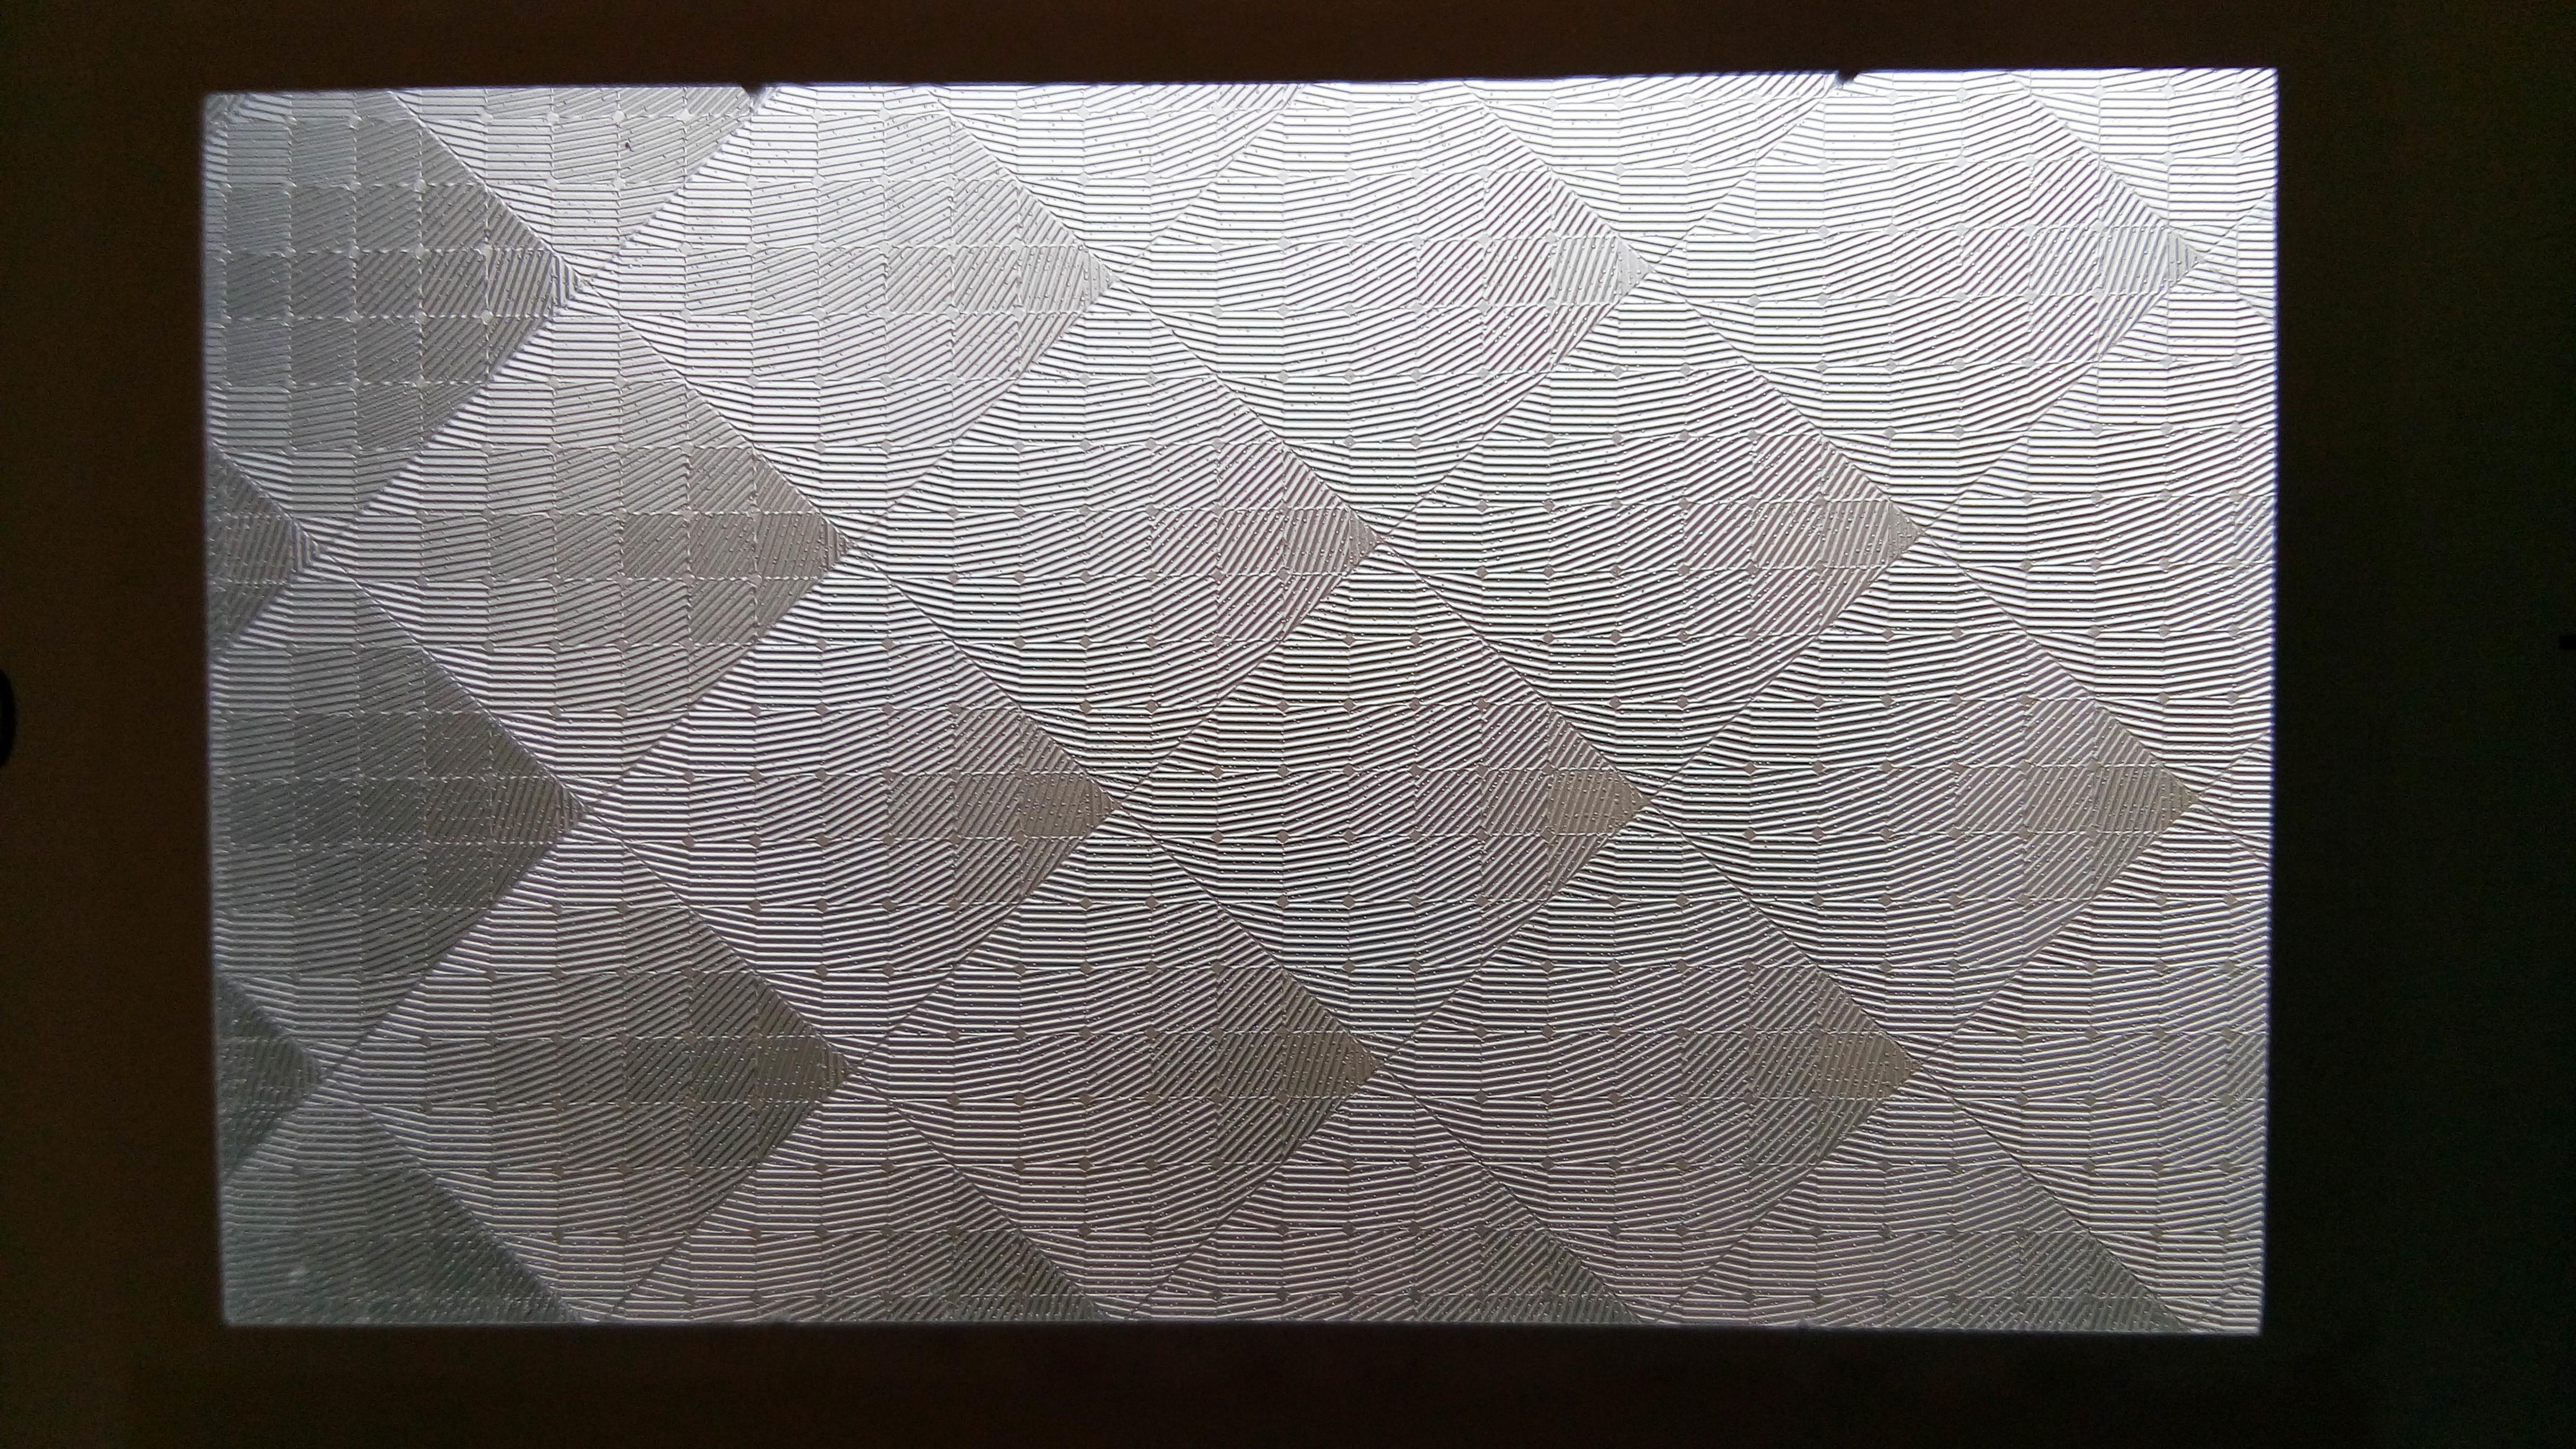 applicazione accurata di speciali rivestimenti trasparenti e semi trasparenti per vetri e ...